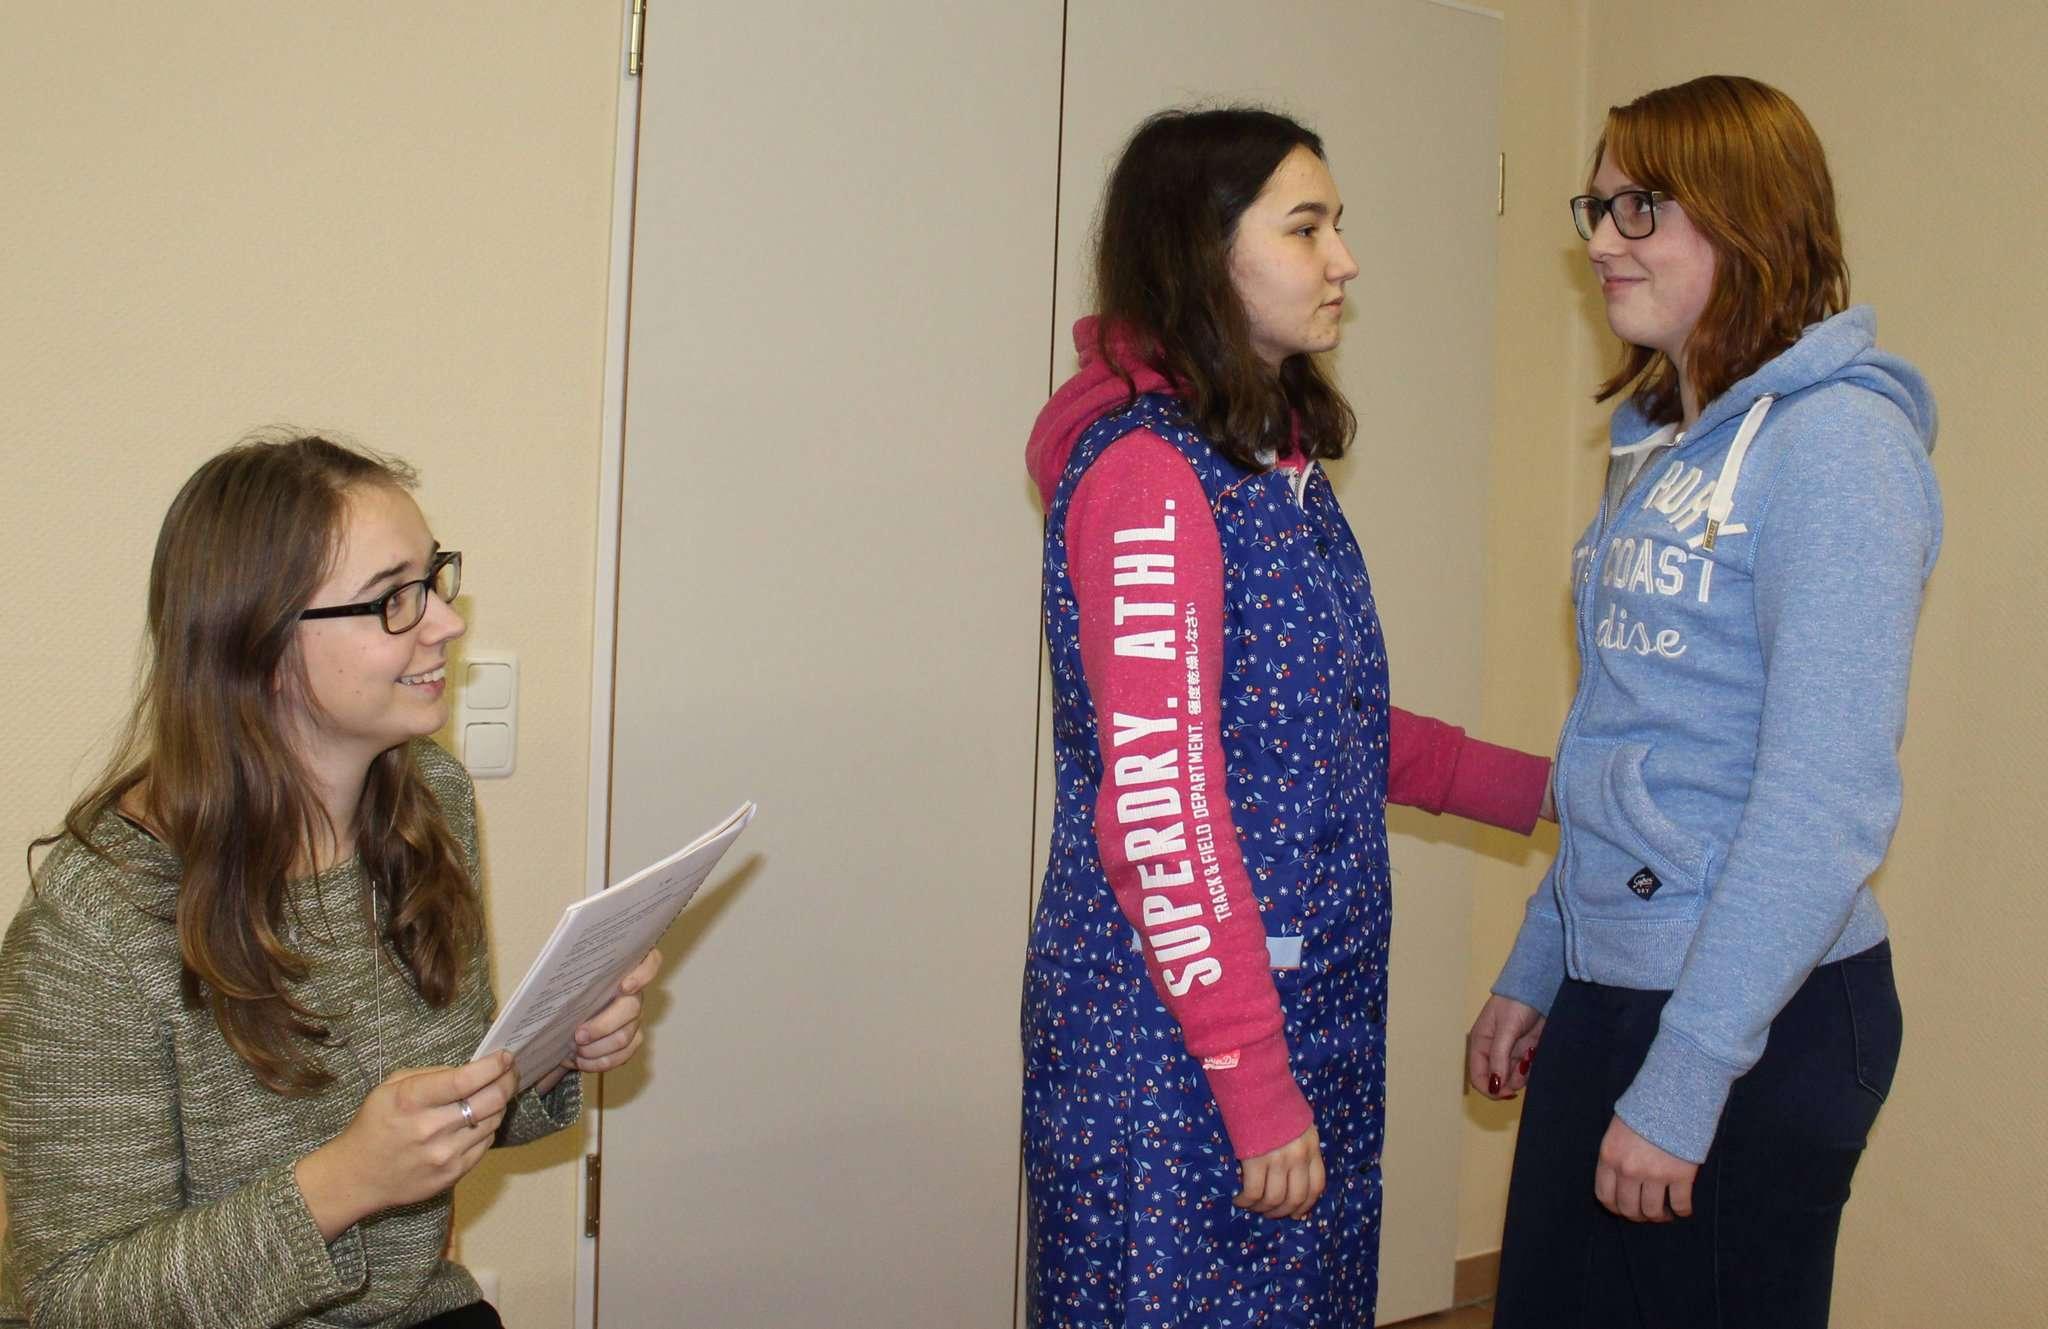 Souffleuse Jennifer Tietjen (links) ist stets zur Stelle, falls Britt Everding (Mitte) oder Mara Behrens einmal ihren Text vergessen sollten. Foto: Ann-Christin Beims